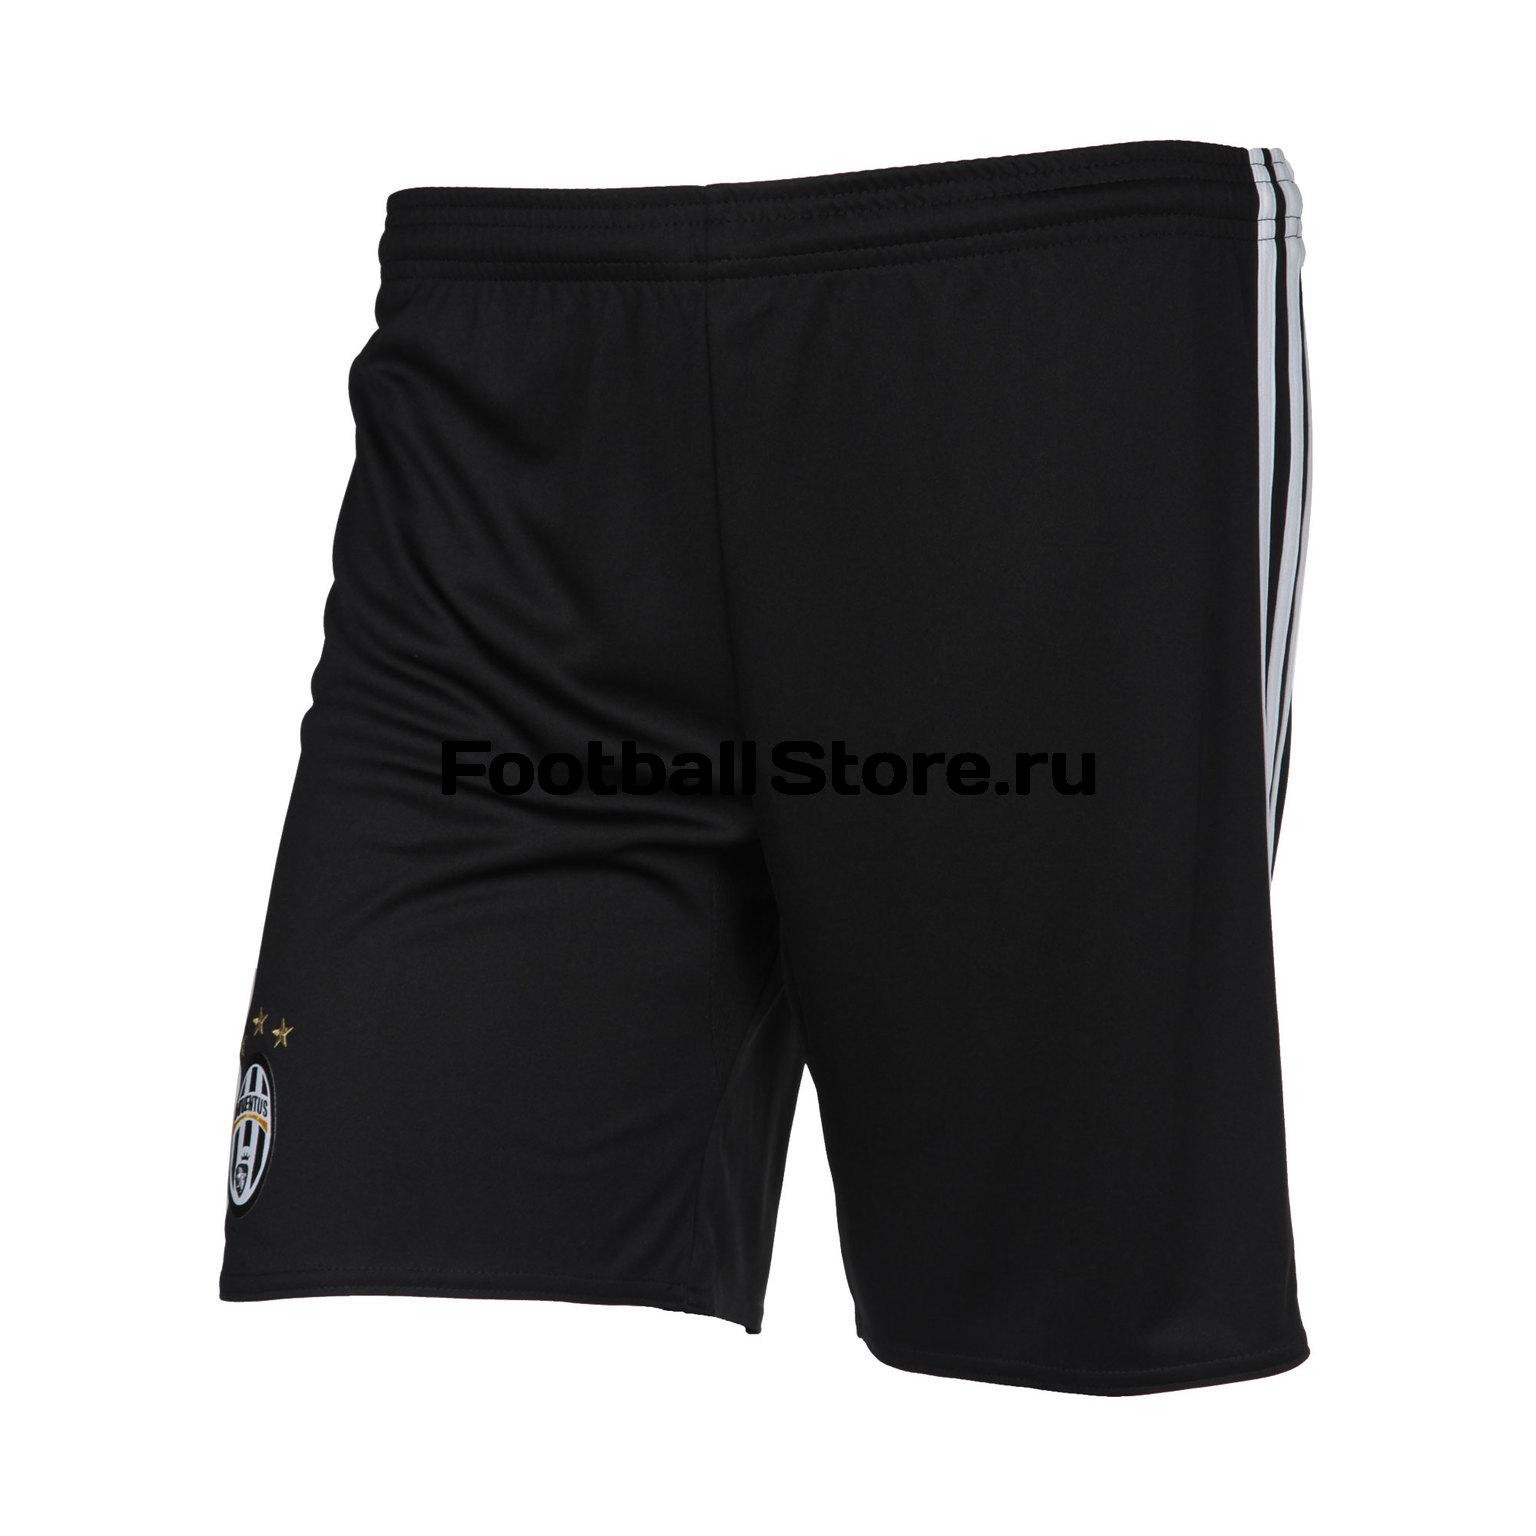 Клубная продукция Adidas Шорты подростковые Adidas Juventus Home AI6249